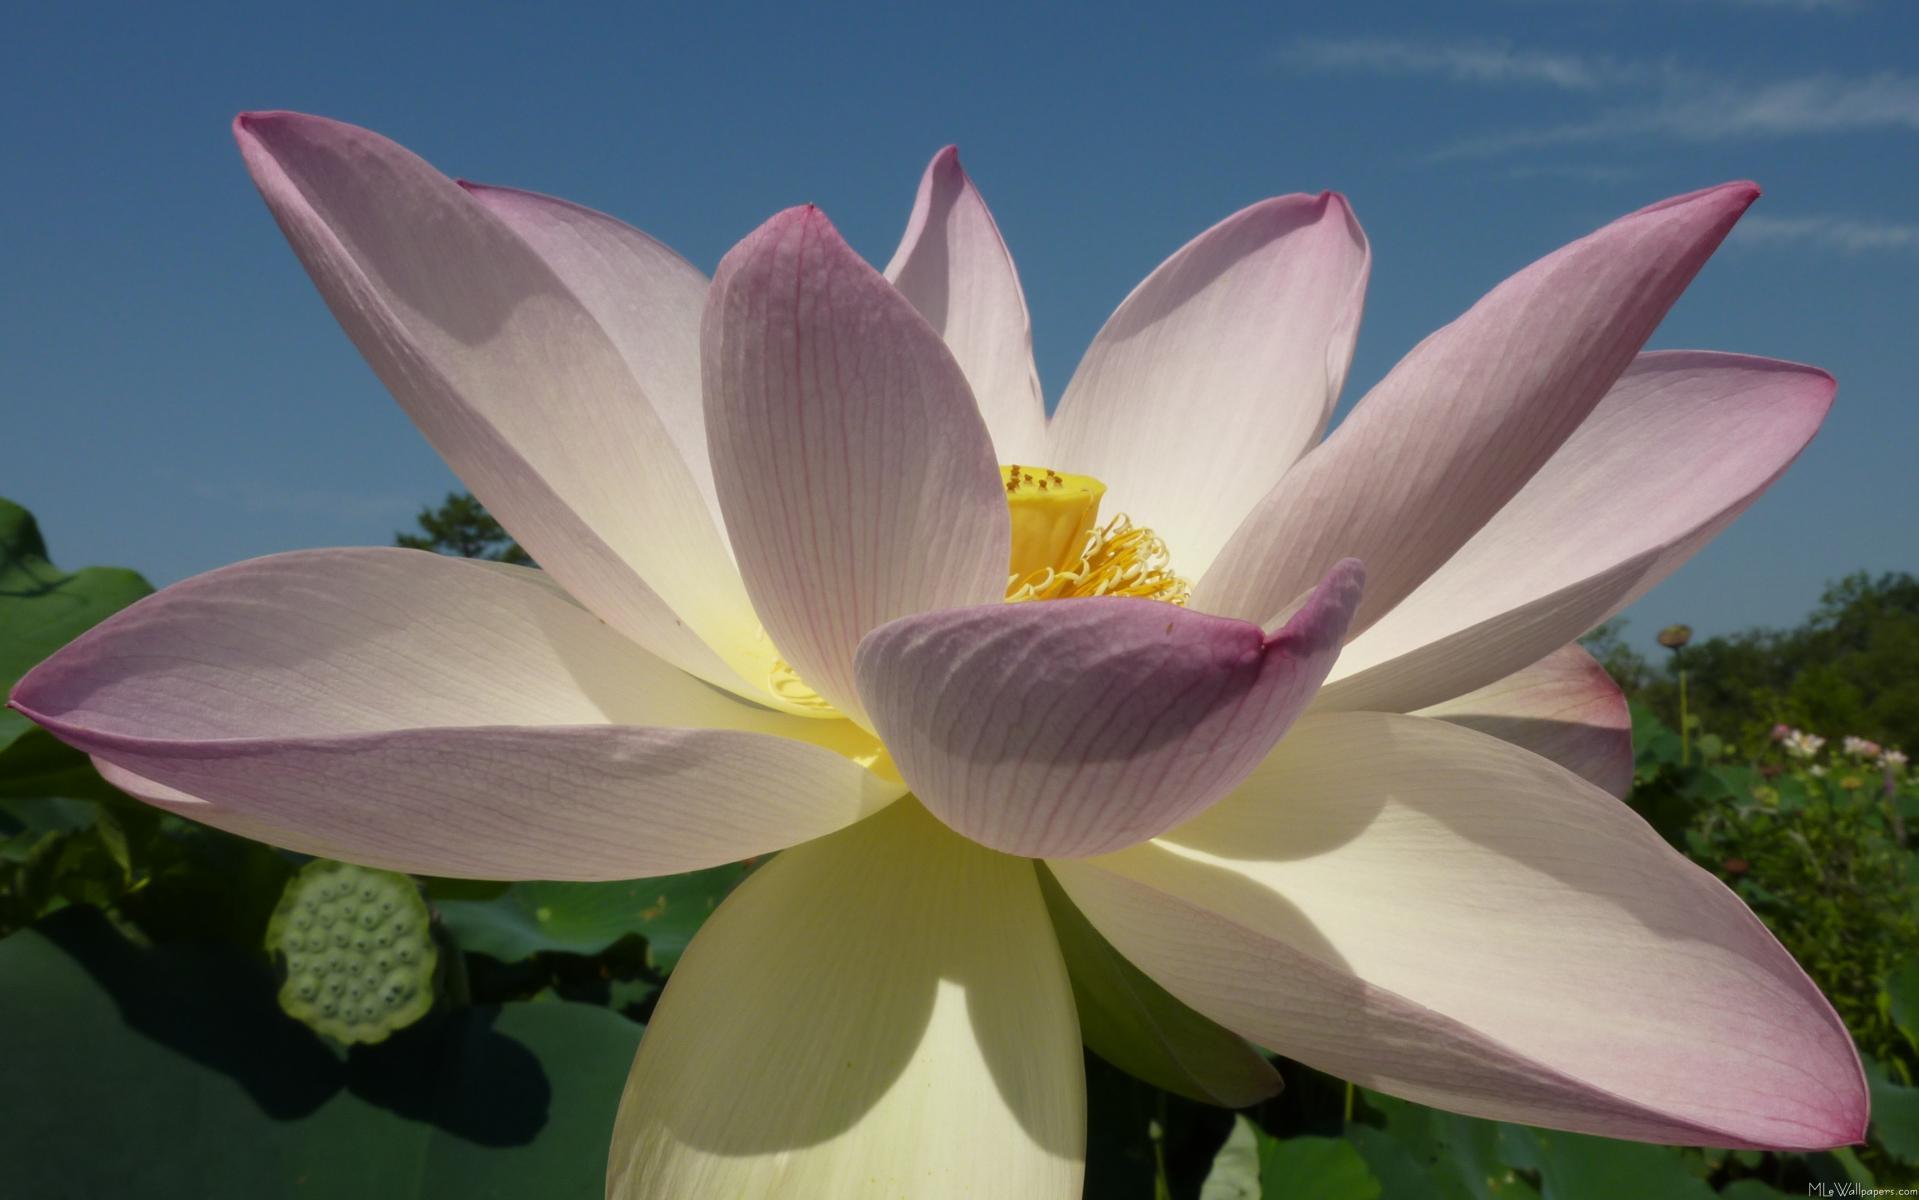 MLeWallpapers Lotus Flower and Blue Sky III